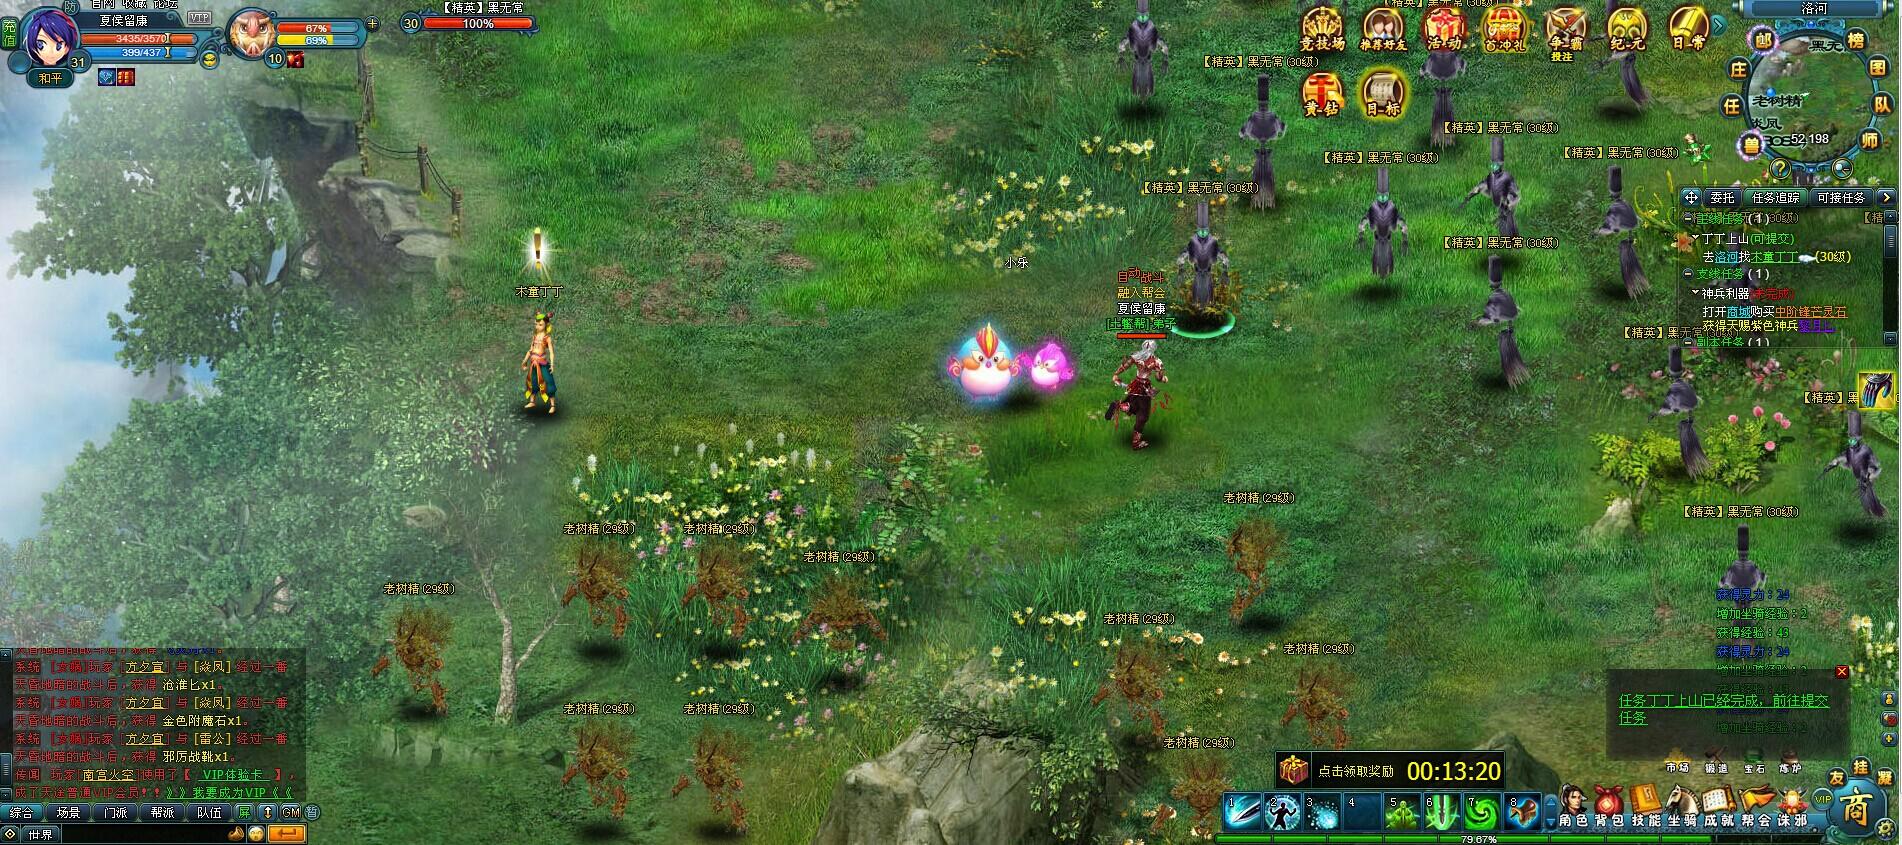 以中国远古神话时代为背景游戏《天途》